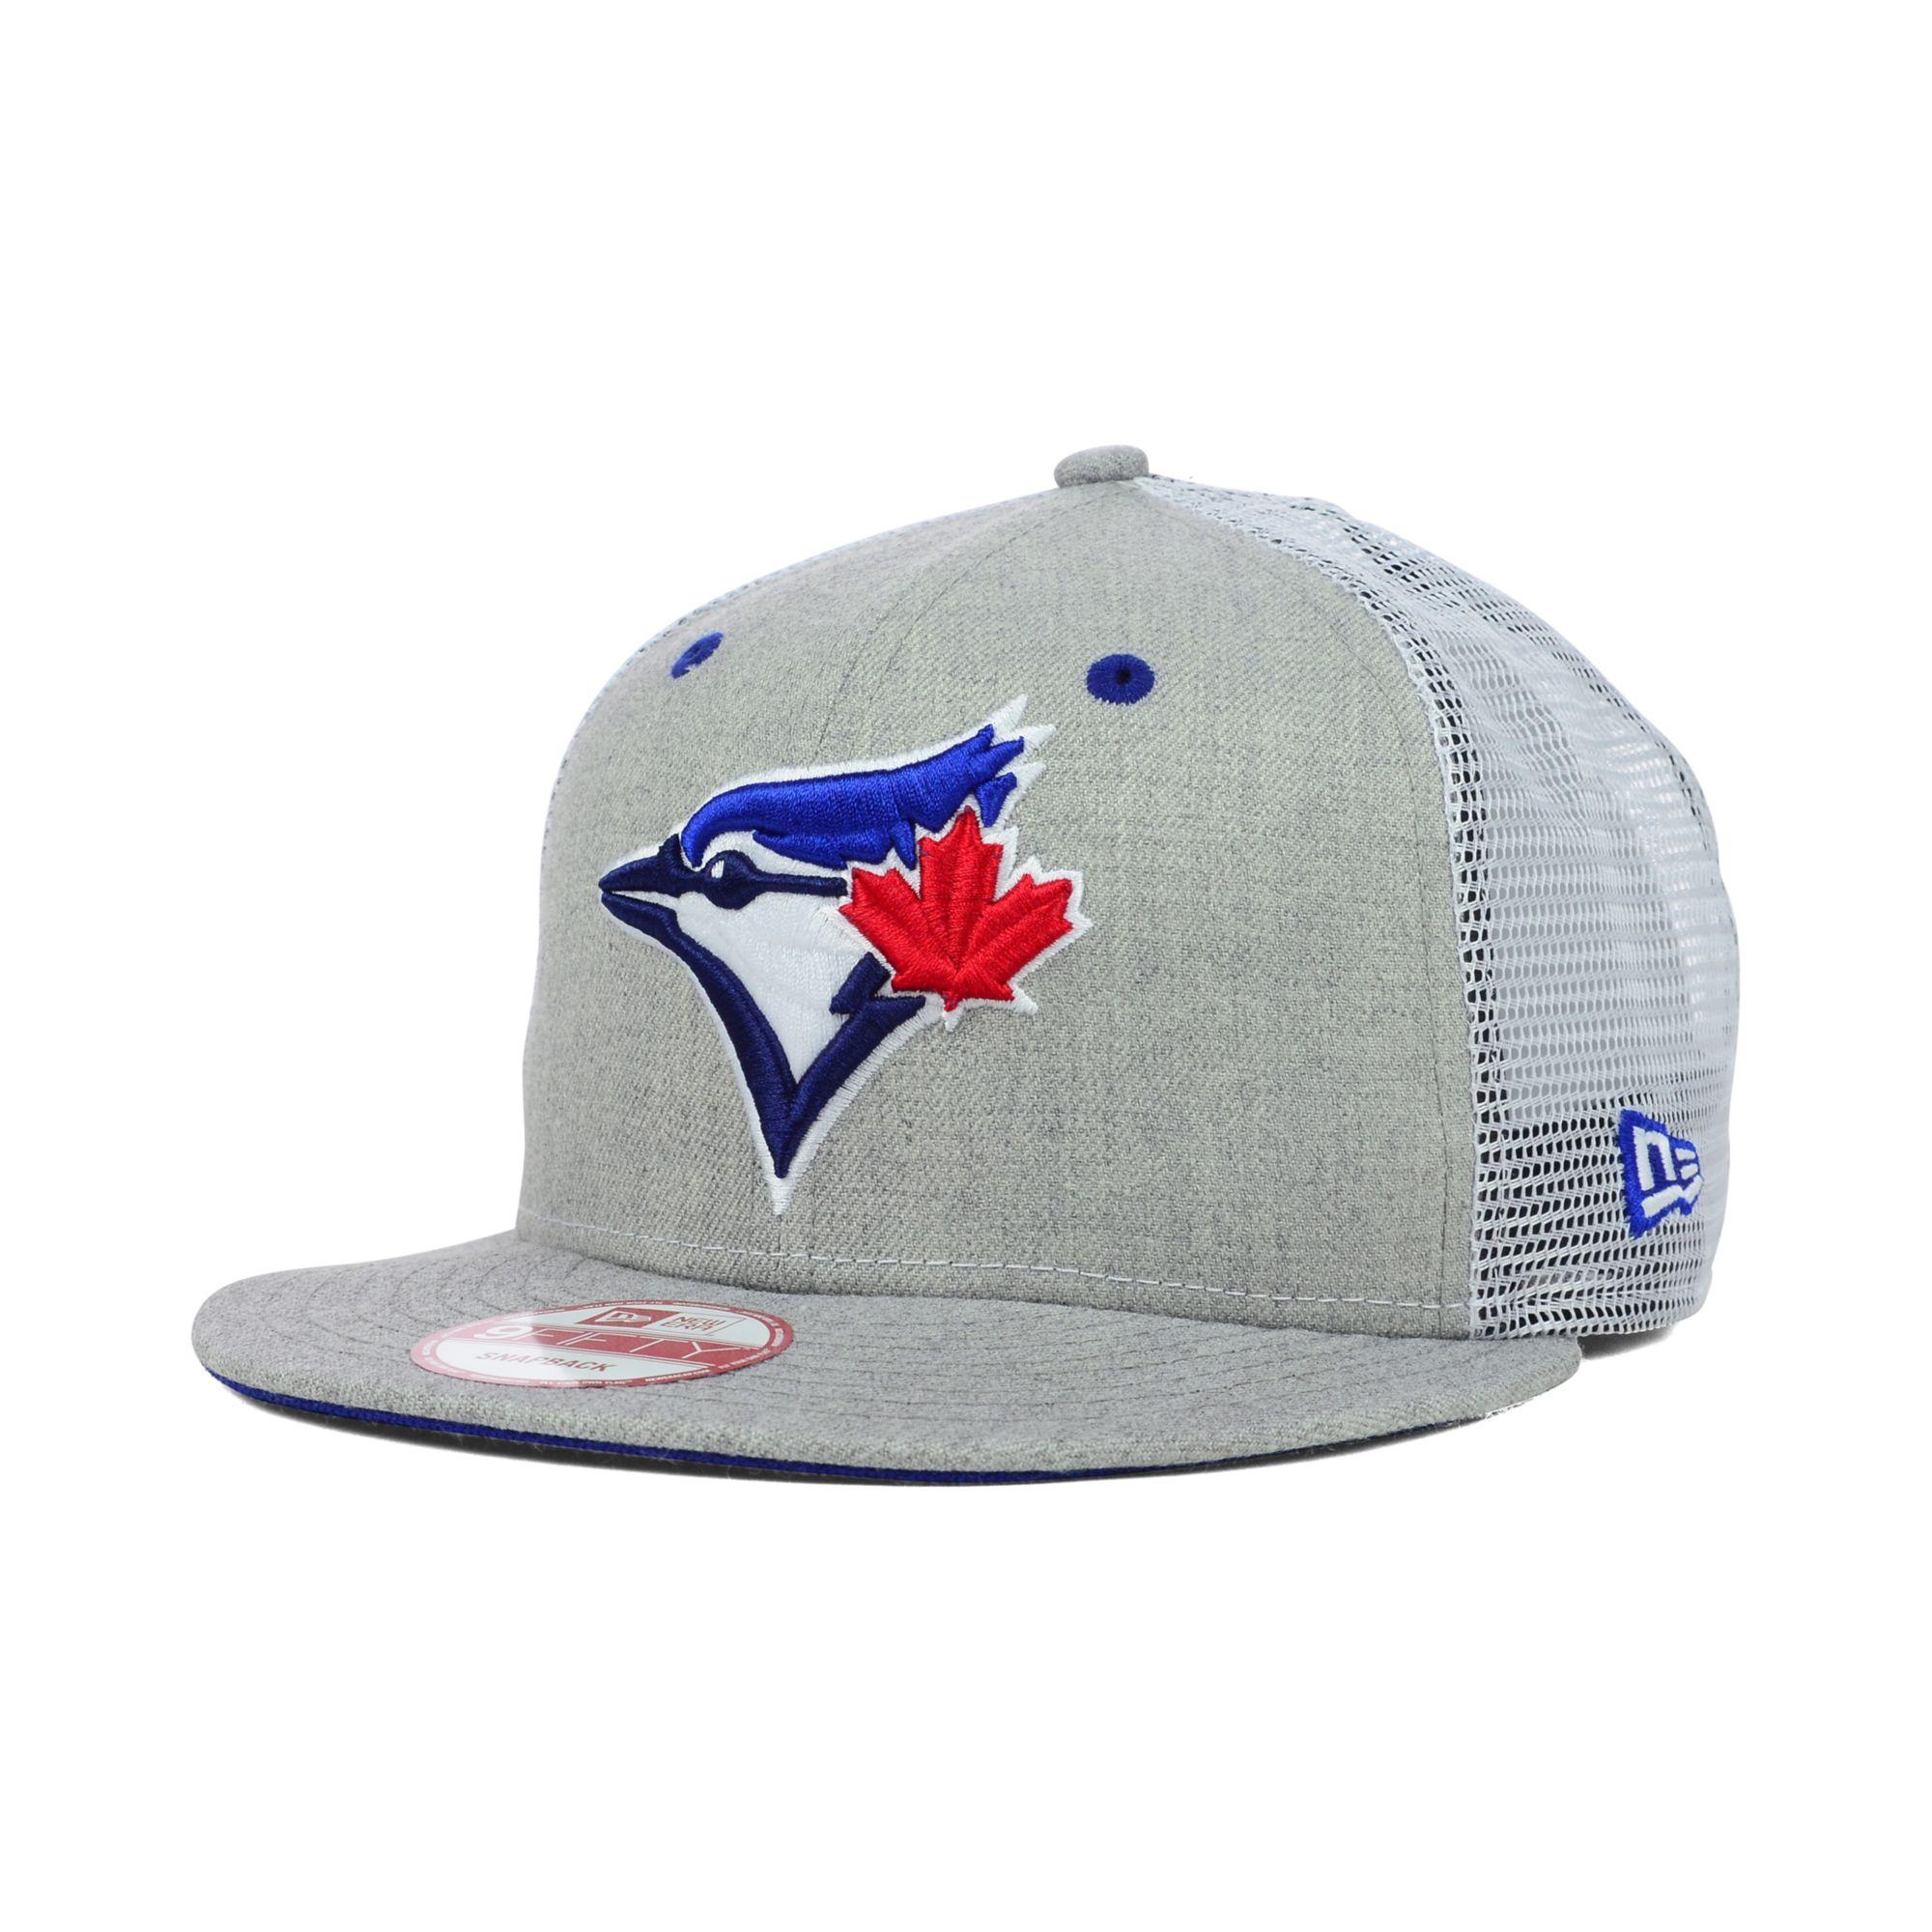 8fbbdbb484a Lyst - KTZ Toronto Blue Jays Heather Trucker 9fifty Snapback Cap in ...